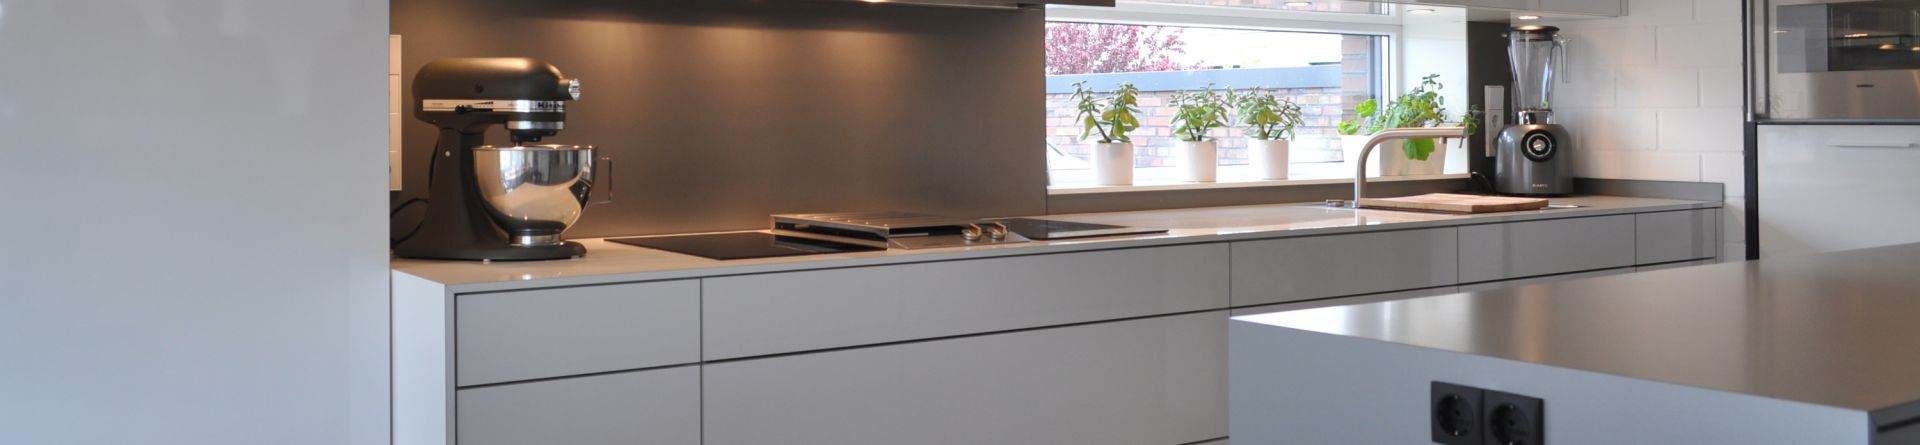 Magnetische Kreidetafel : Küchen Nach Maß Design Pur Küchenarchitektur Vom  Feinsten